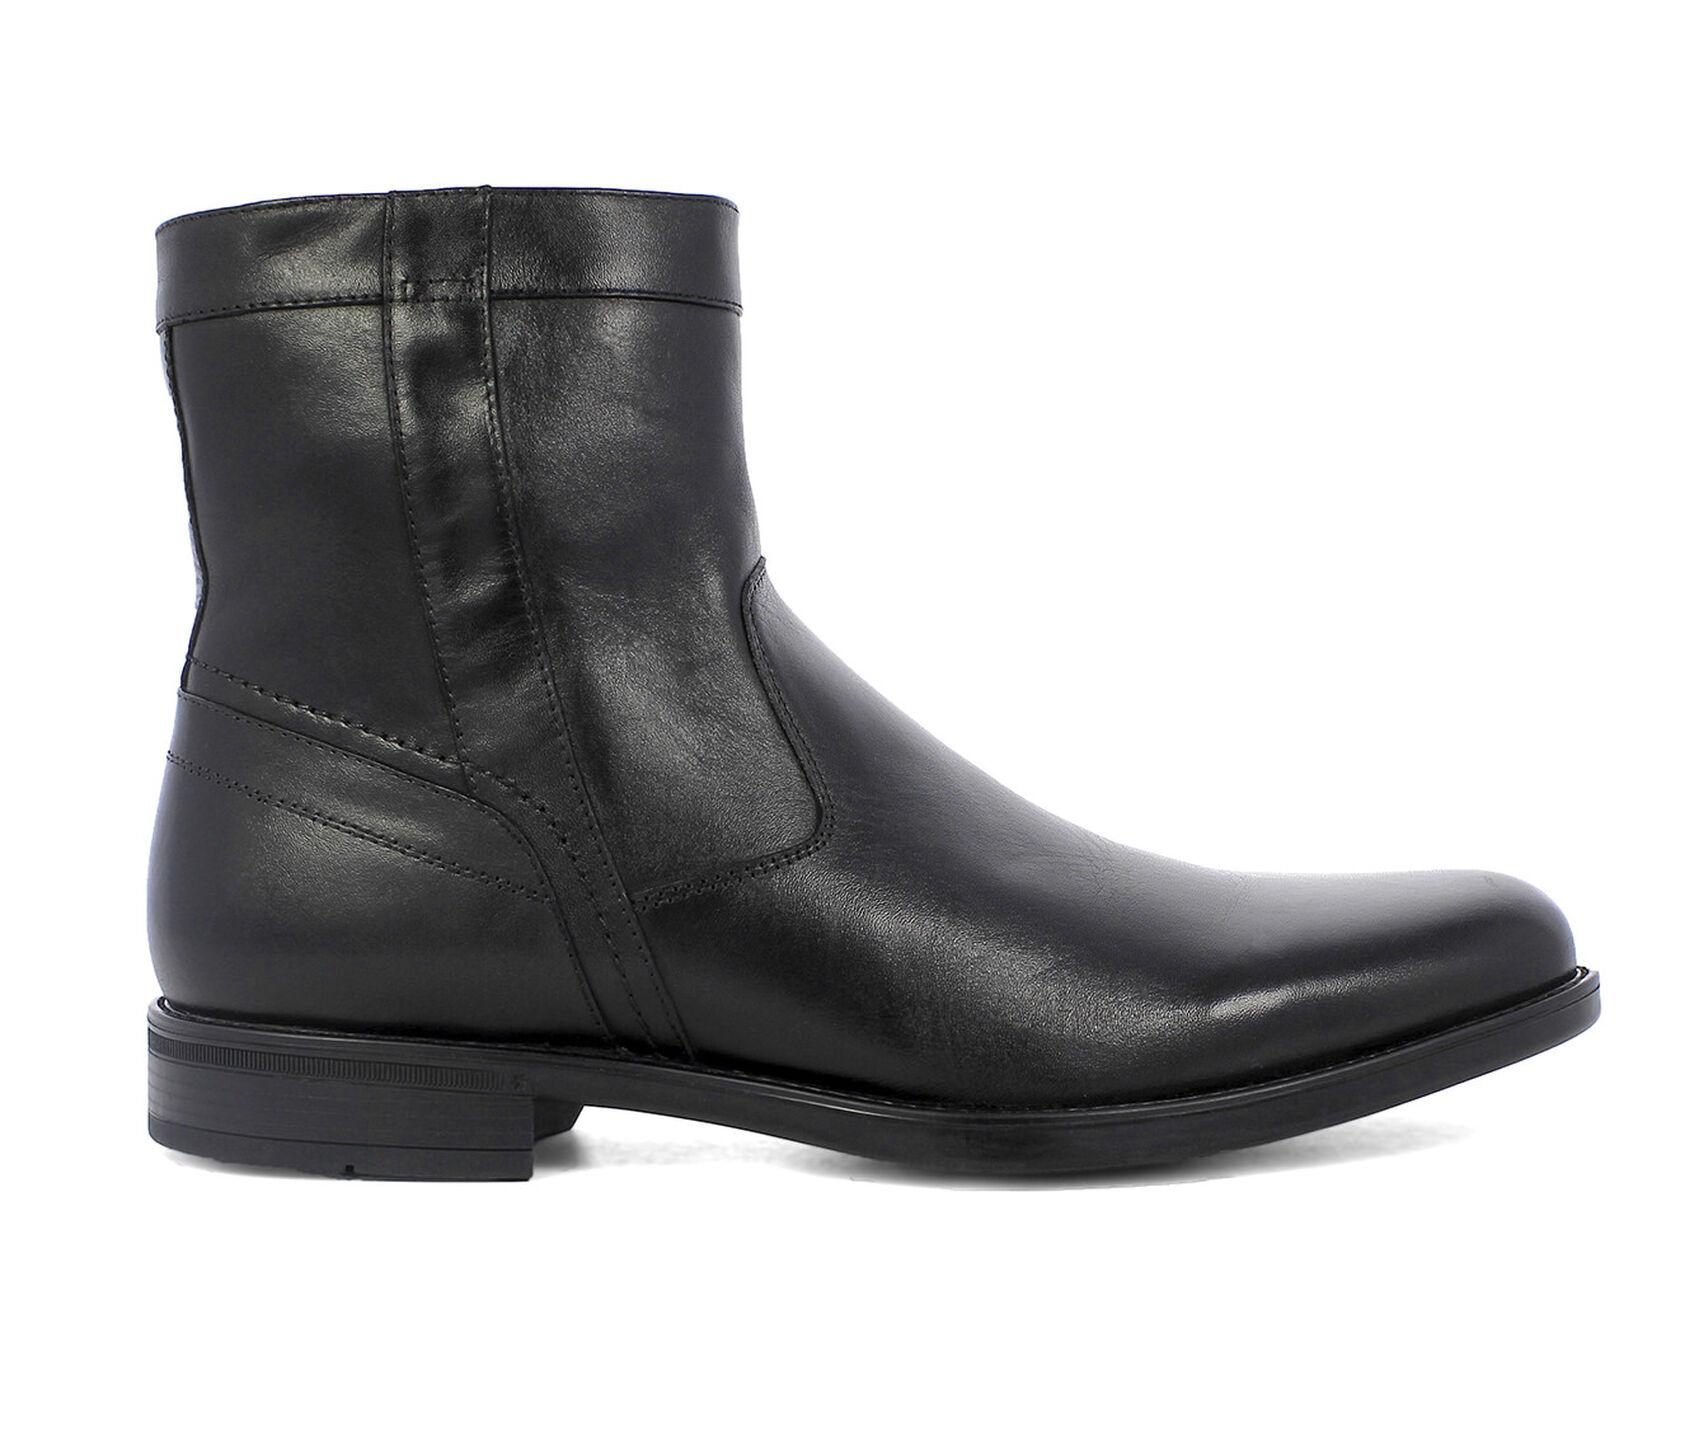 9397f718934 Men's Florsheim Midtown Zip Dress Boots